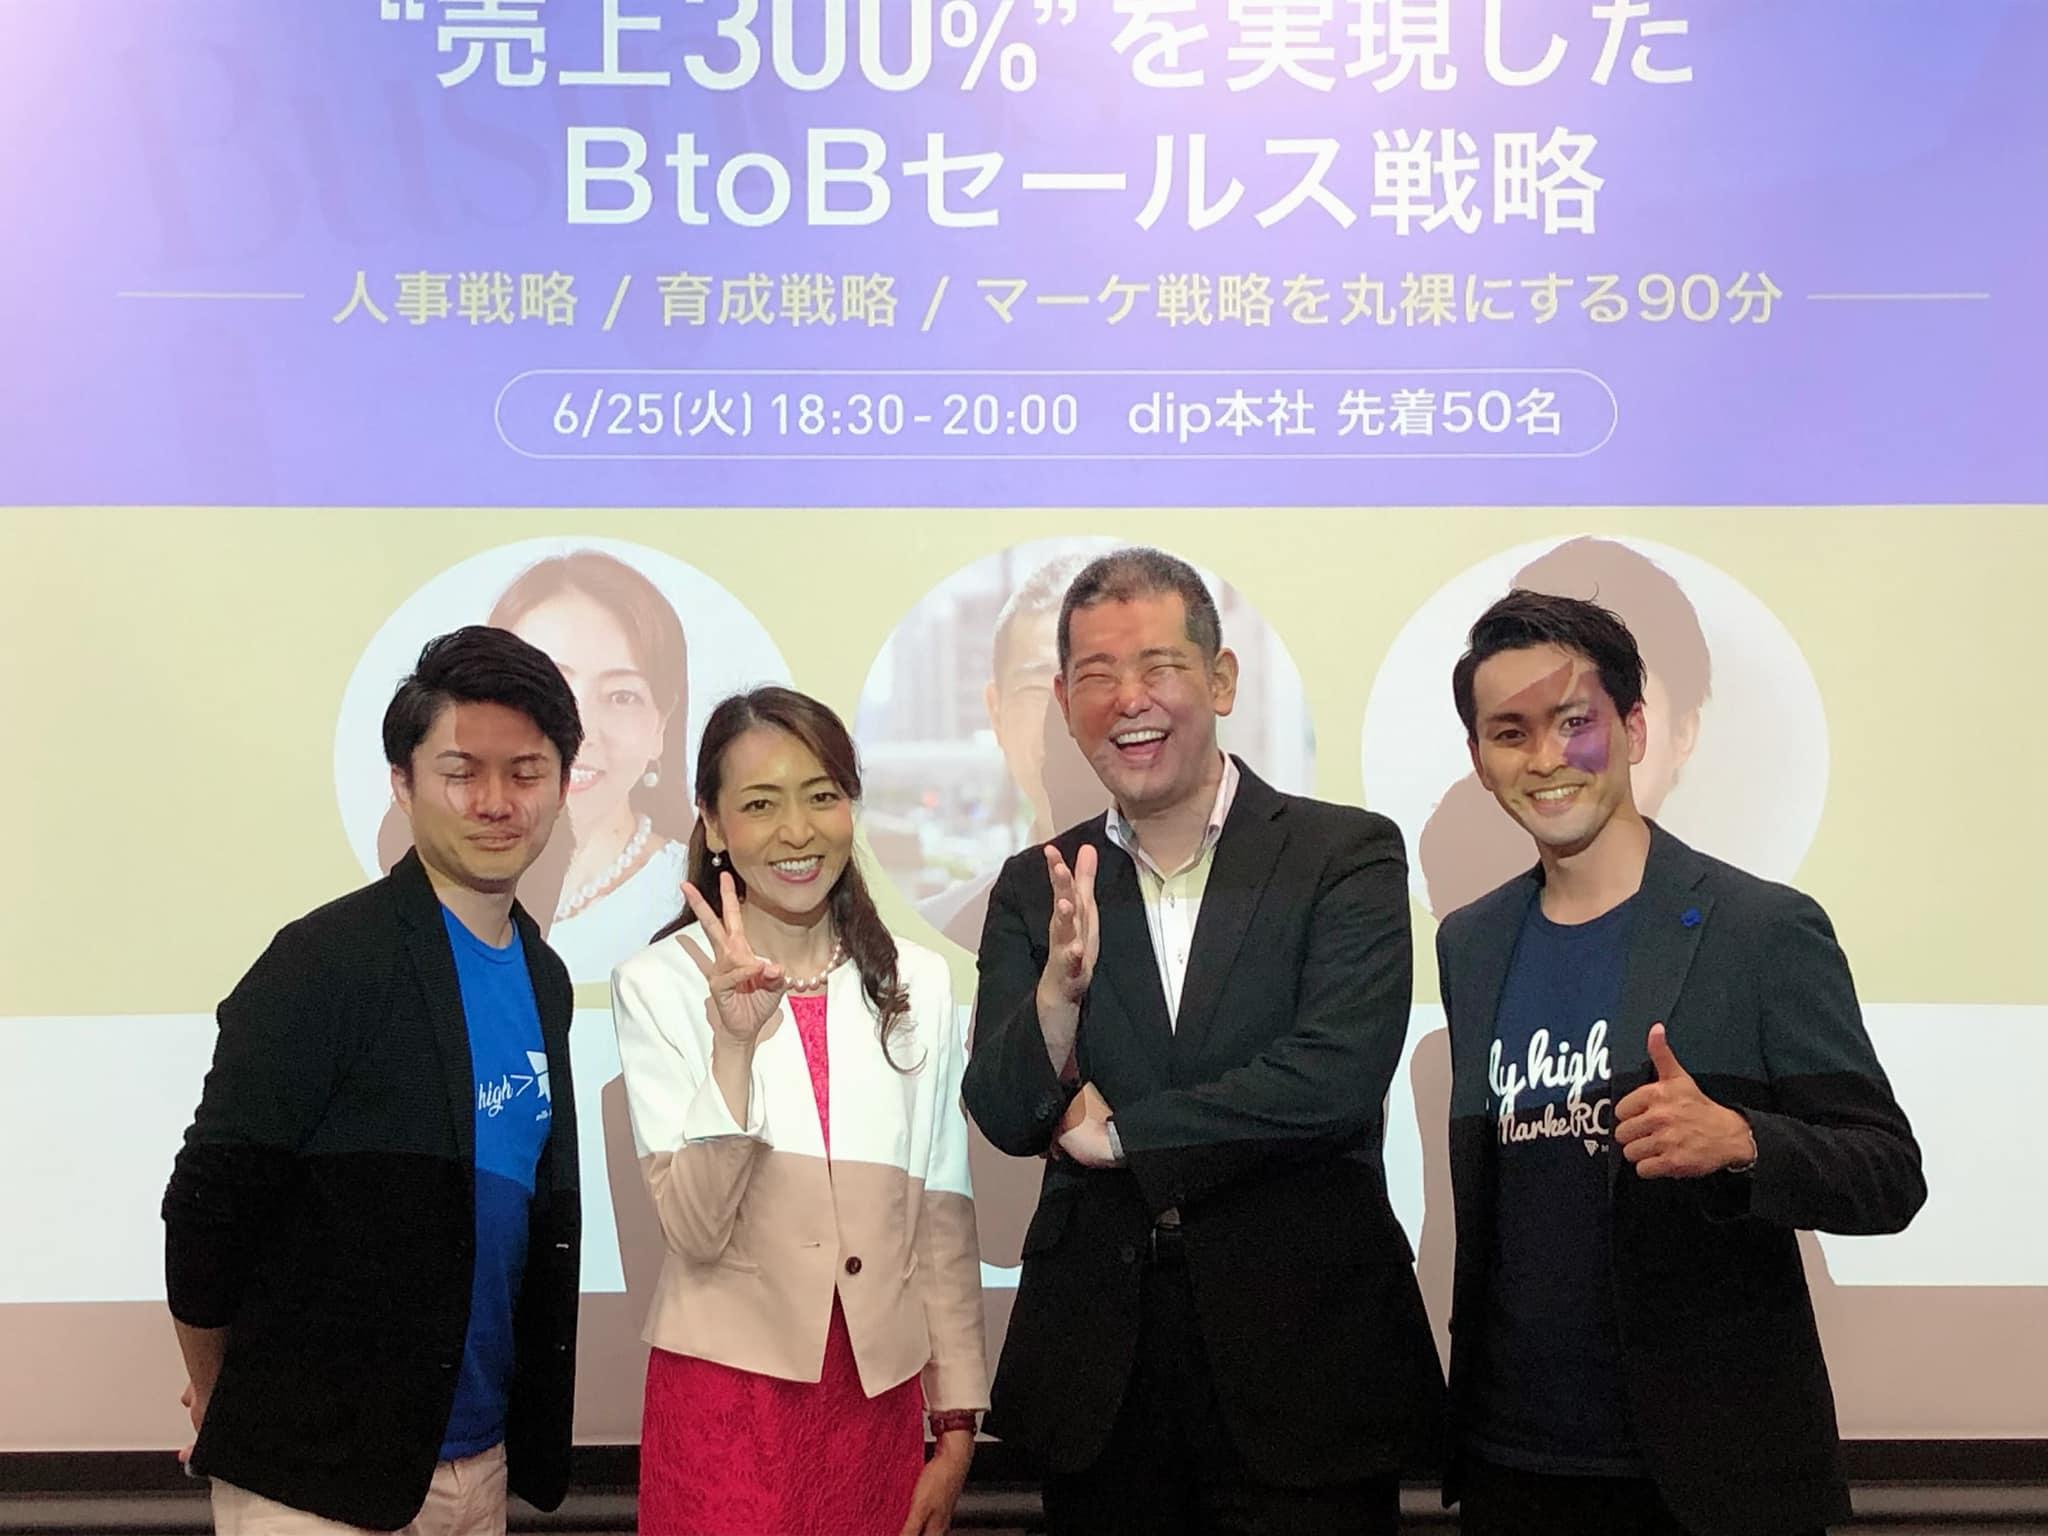 【レポート】売上300%を実現したBtoBセールス戦略